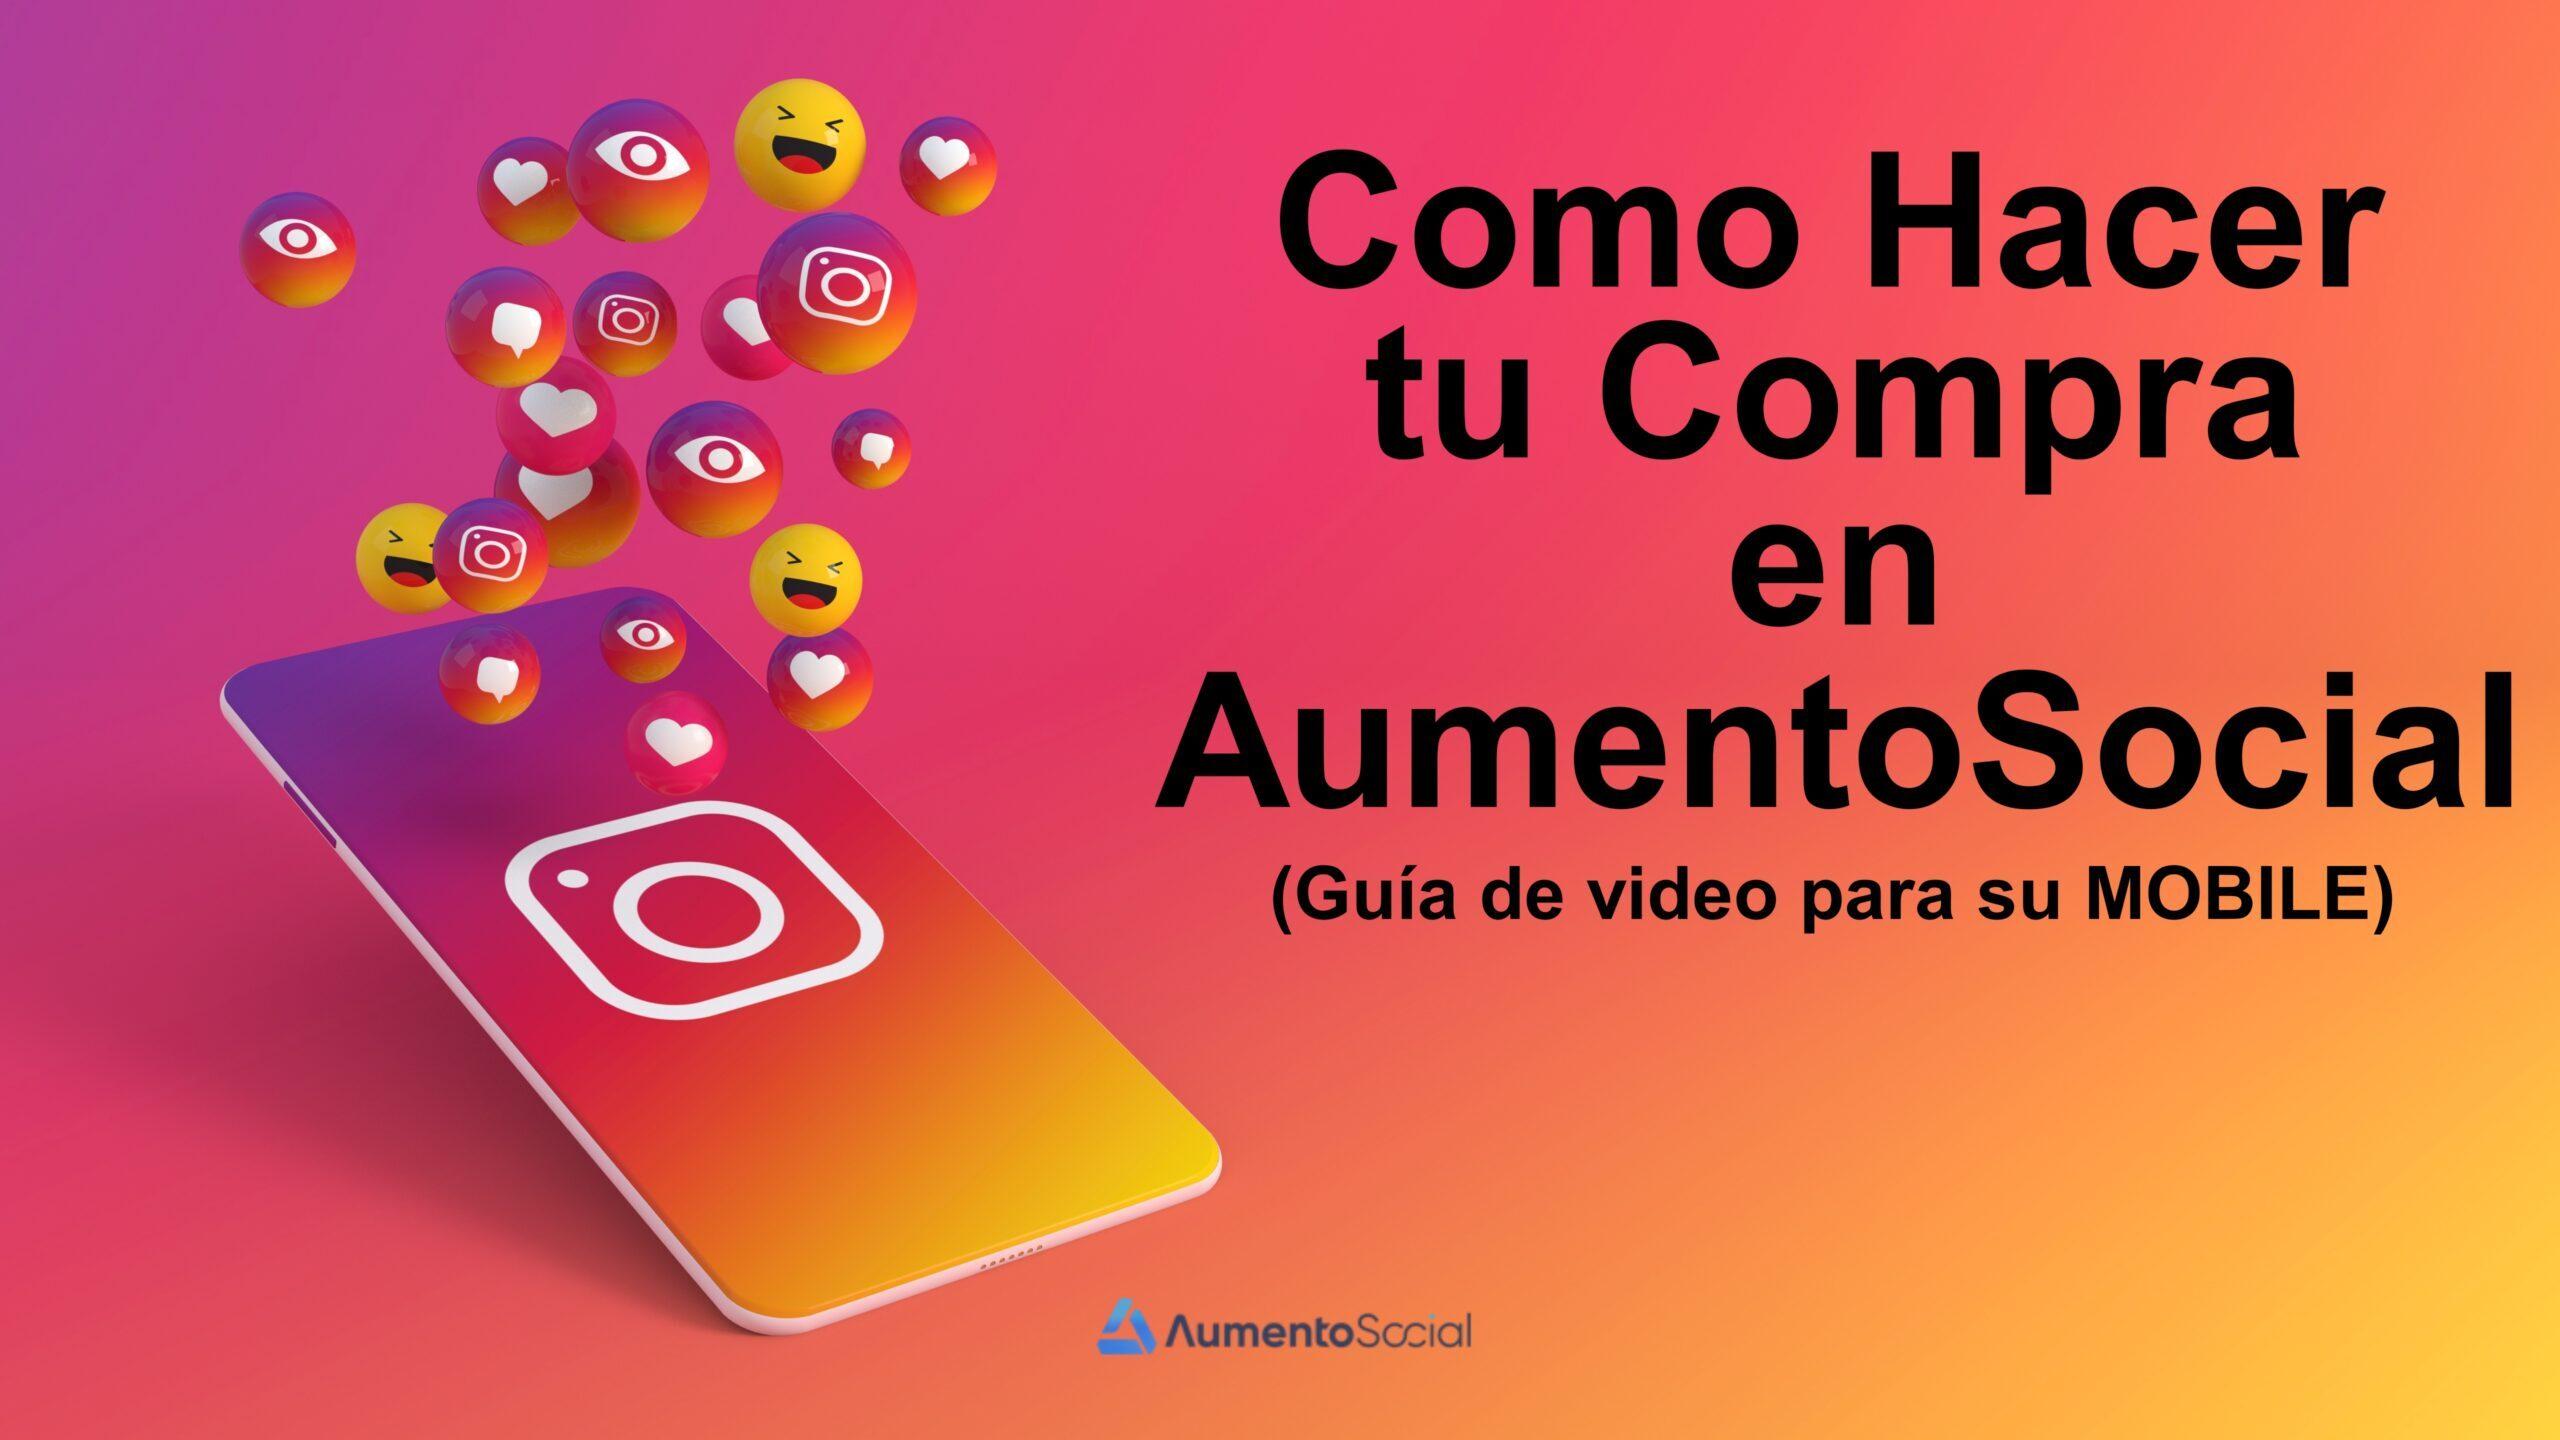 video para su mobile